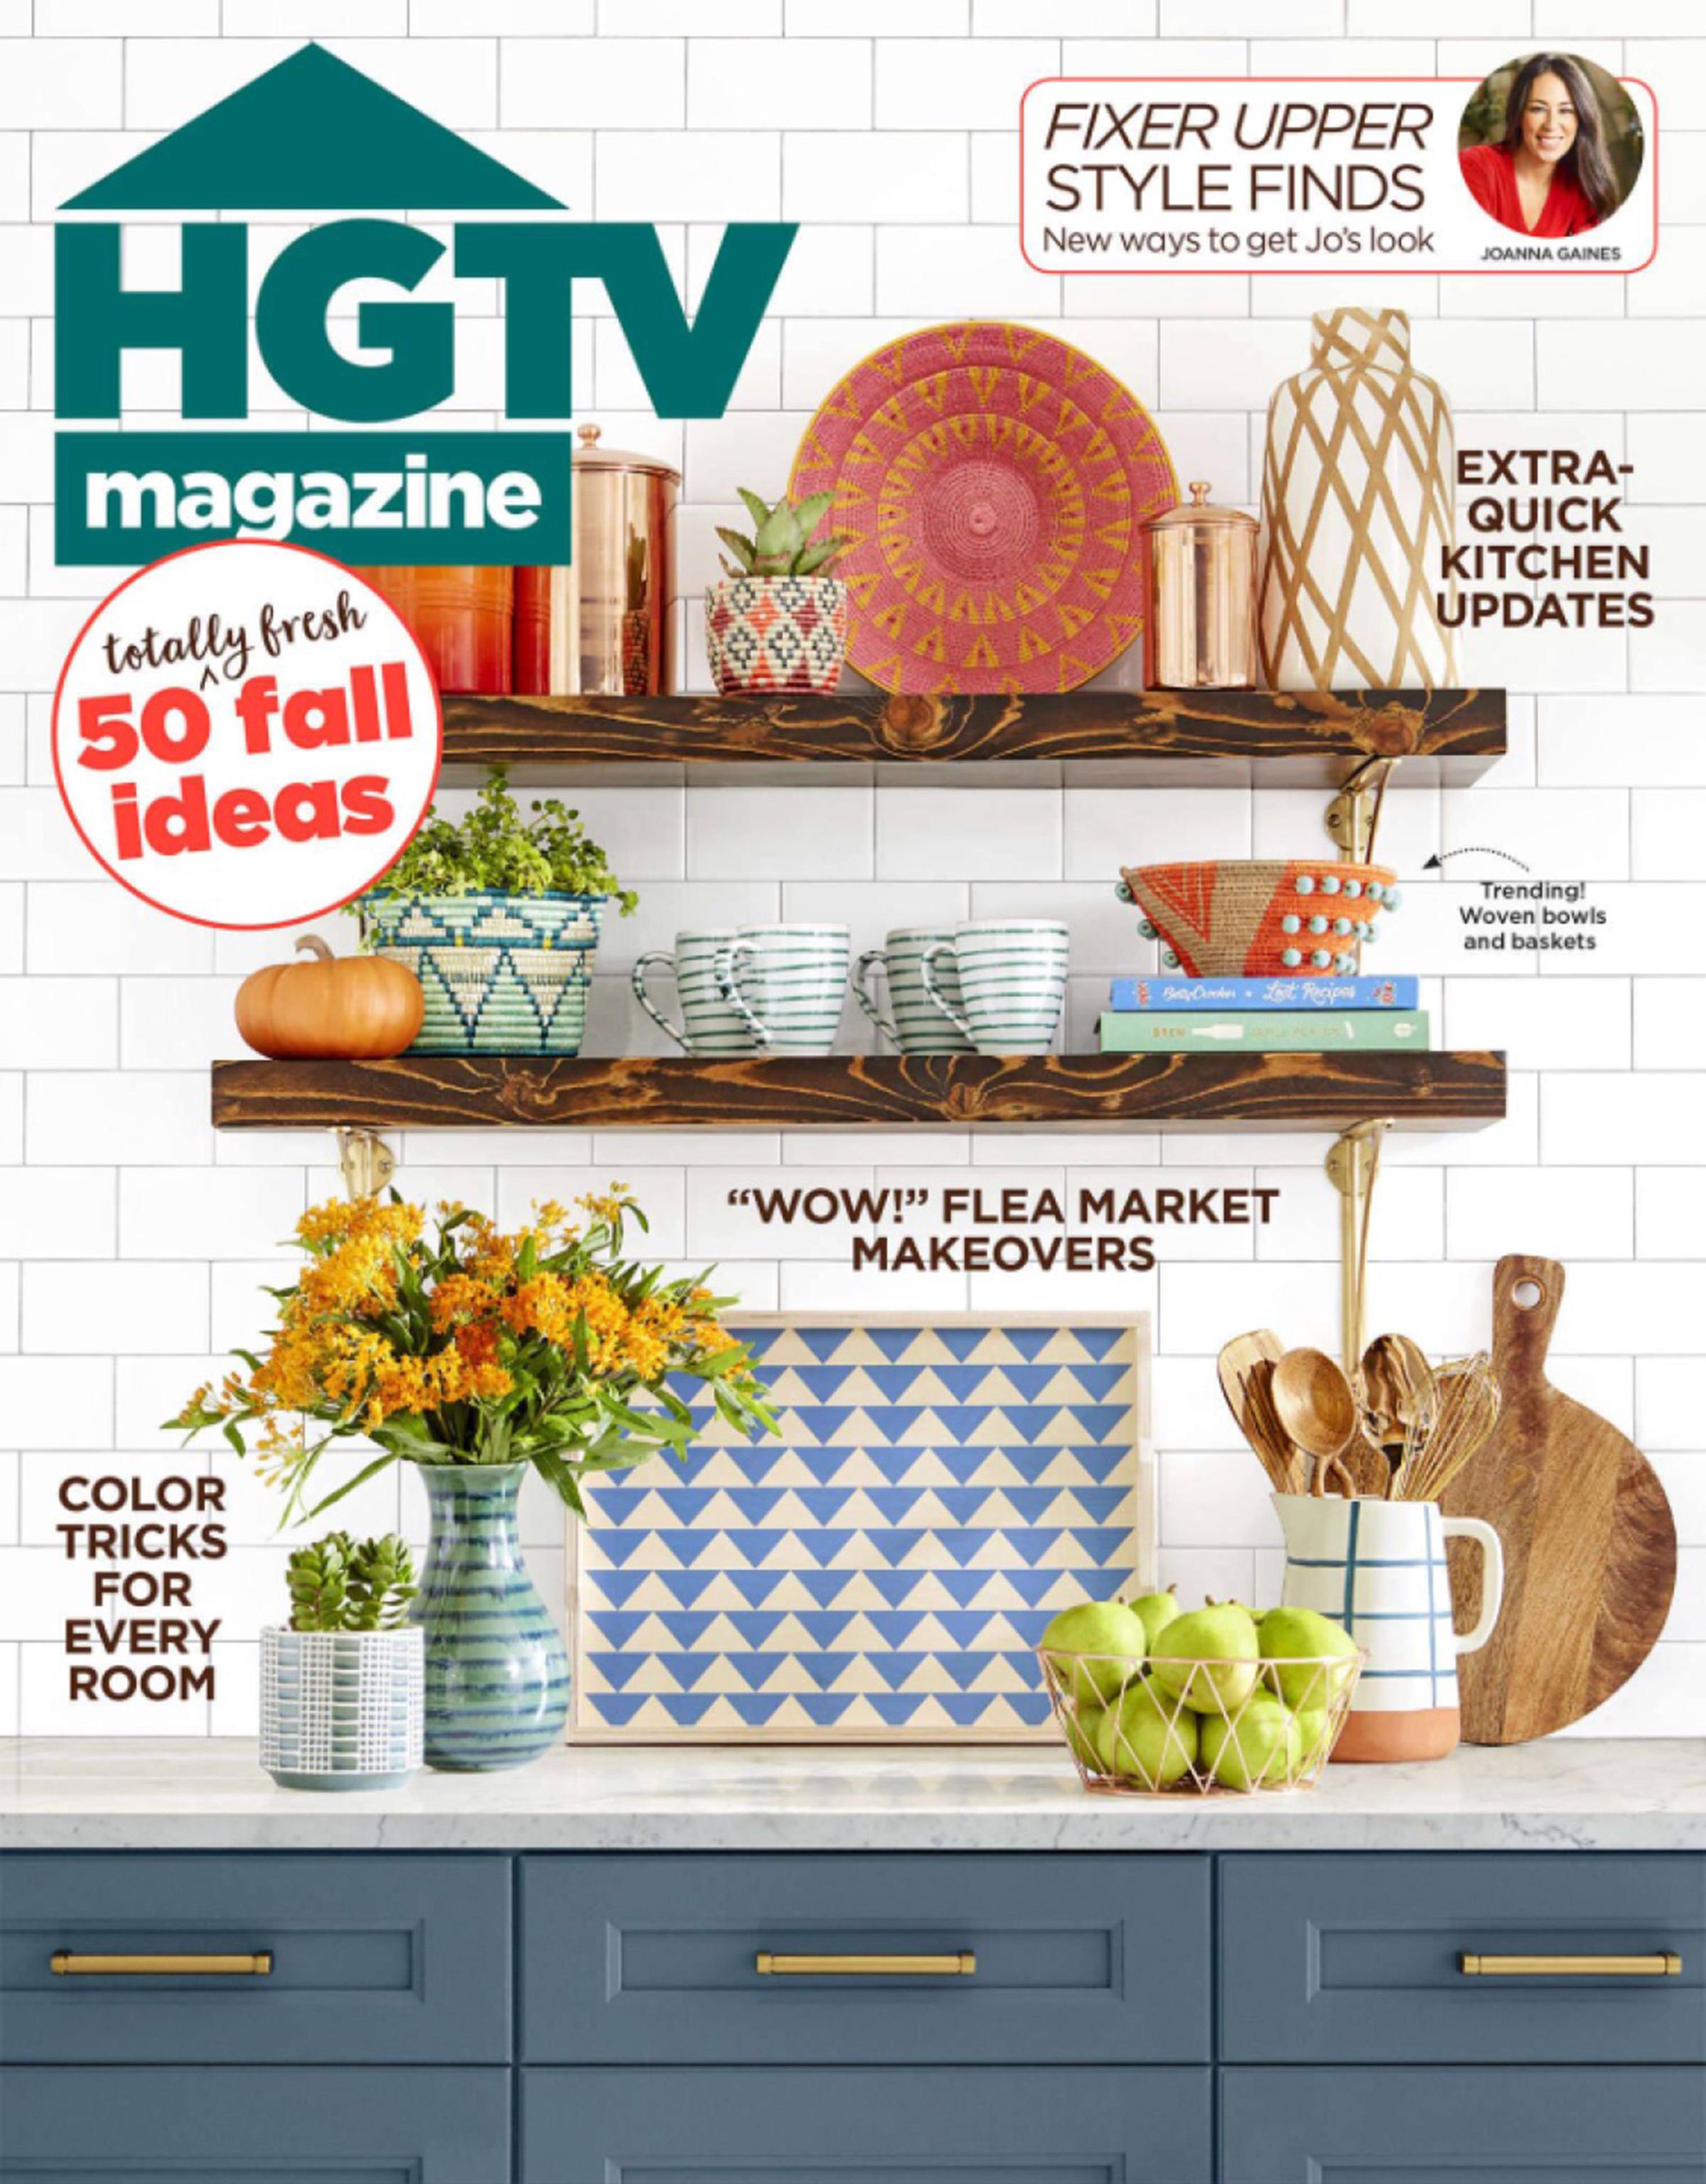 HGTV_COVER_OCT_2018_1.jpg